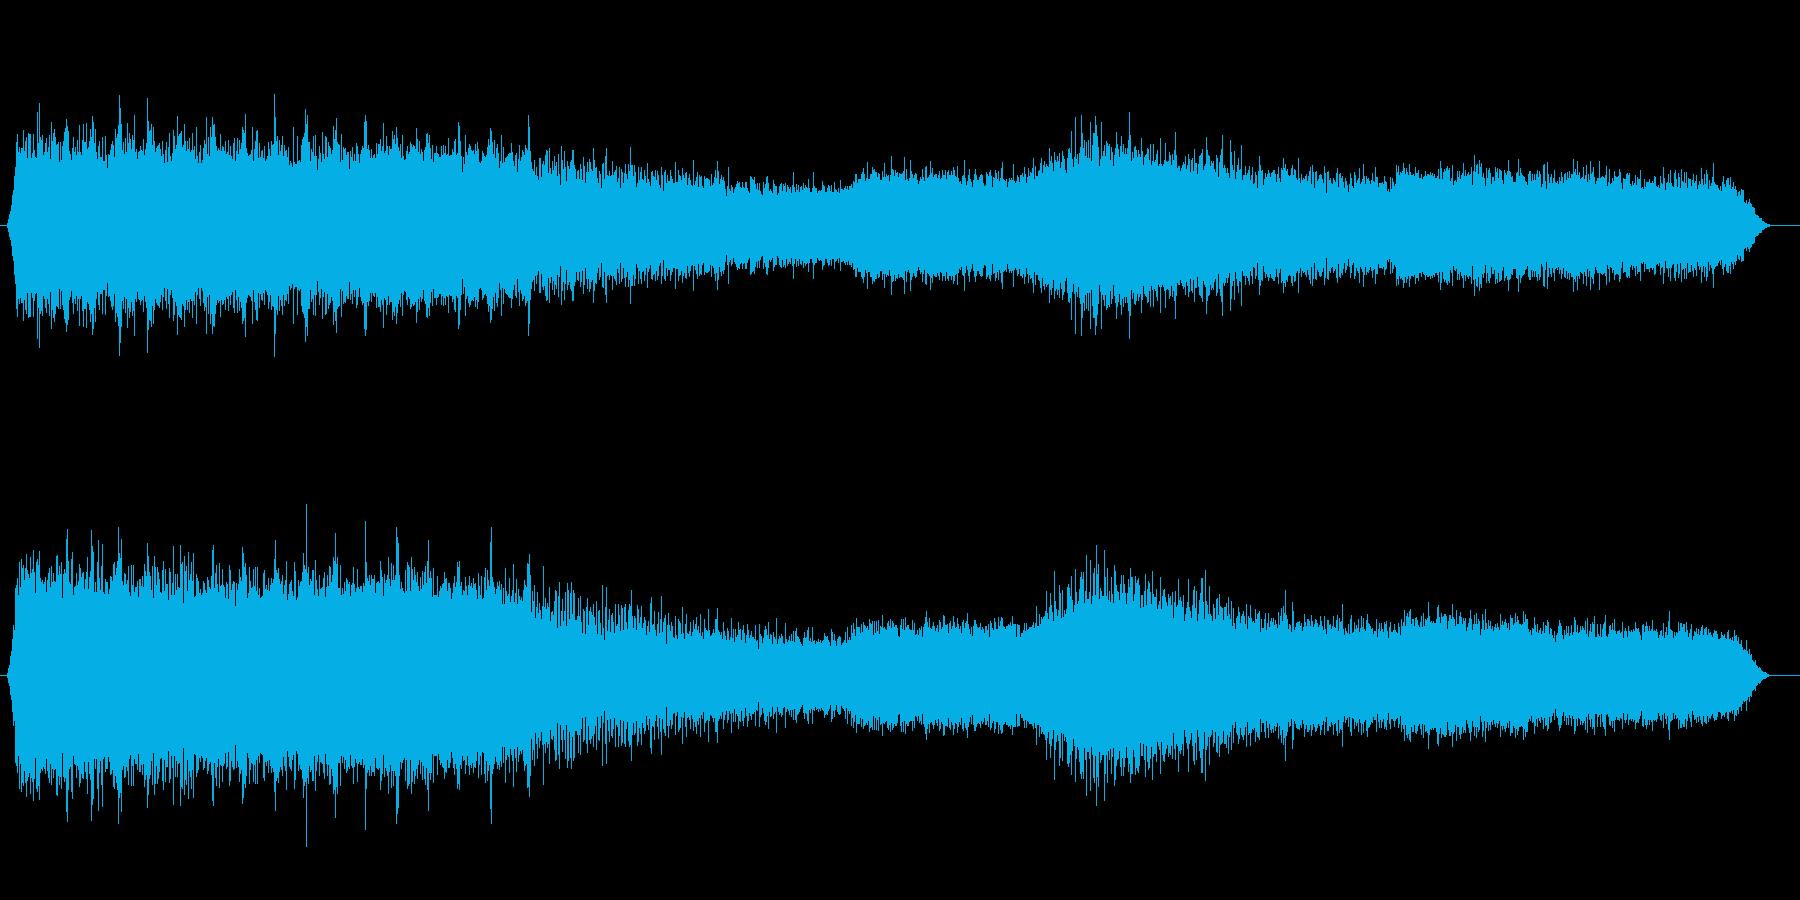 夕方のアブラゼミの鳴き声(夏、夕方)の再生済みの波形